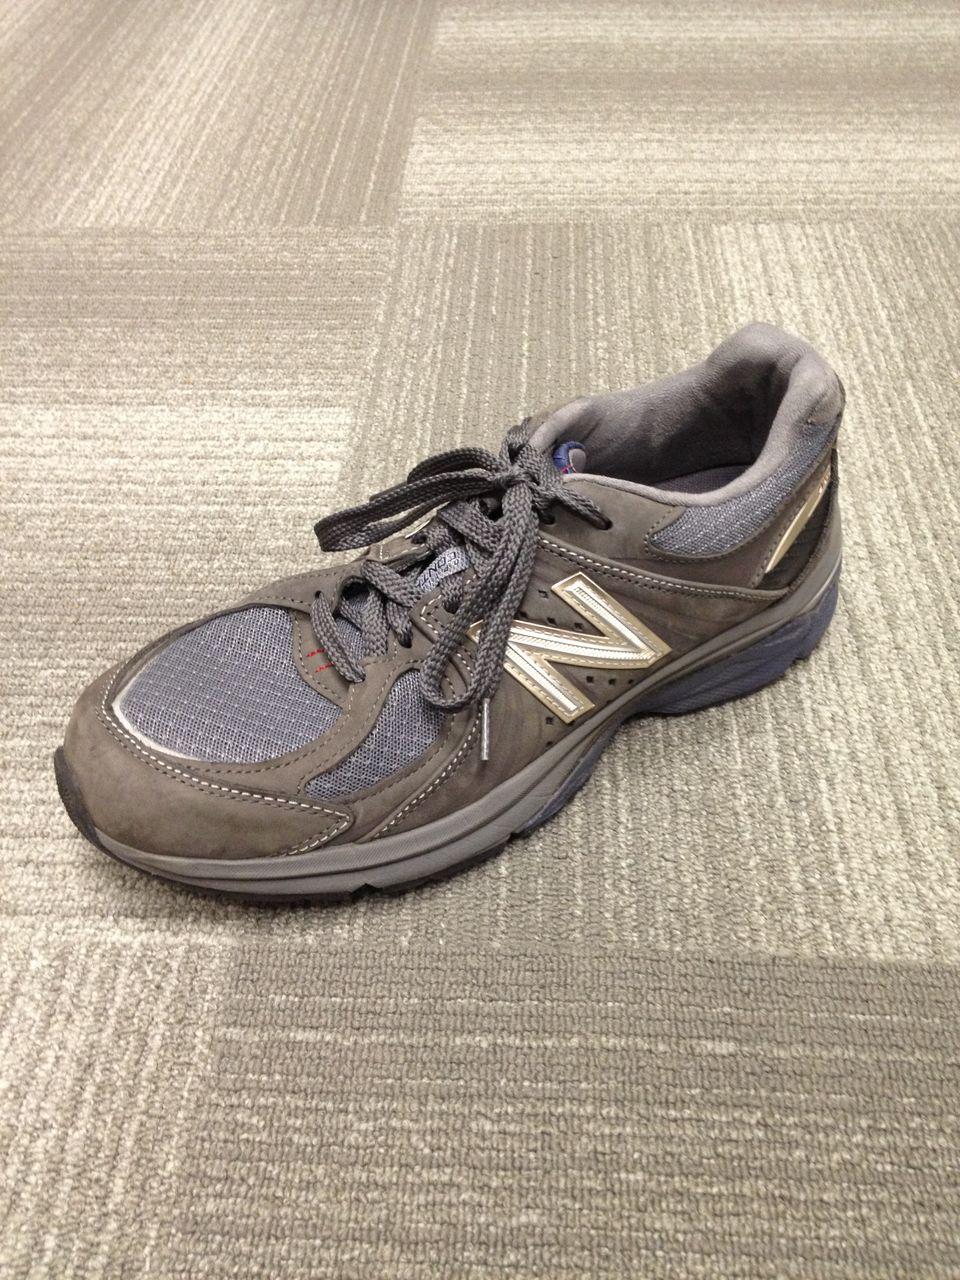 結び方 ニューバランス 紐 ニューバランスの靴ひもはヒールロックという結び方がオススメ!履き心地も見た目もレベルアップ!